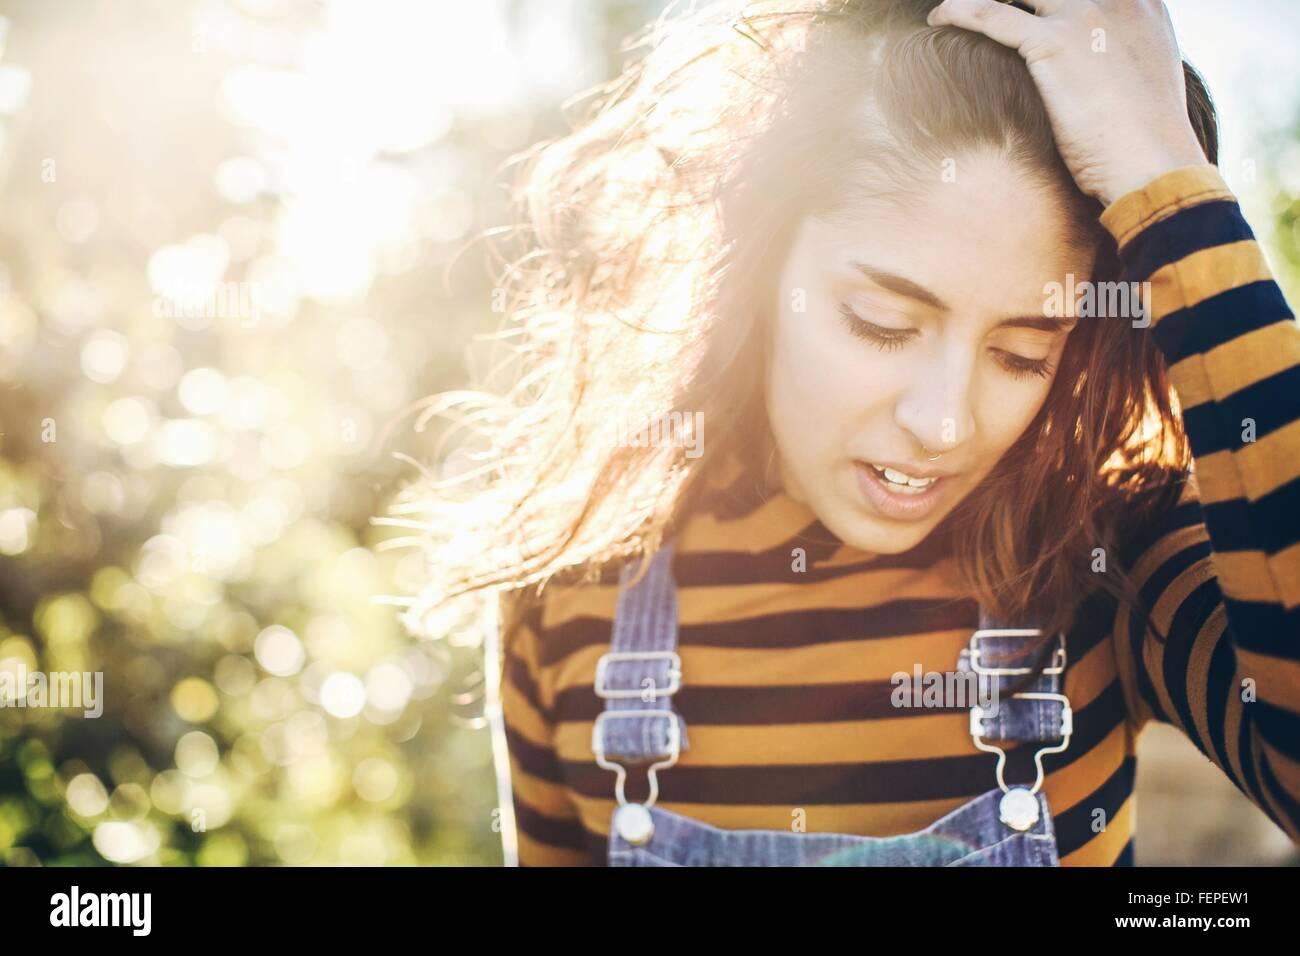 Giovane donna in ambiente rurale, passare le dita tra i capelli Immagini Stock